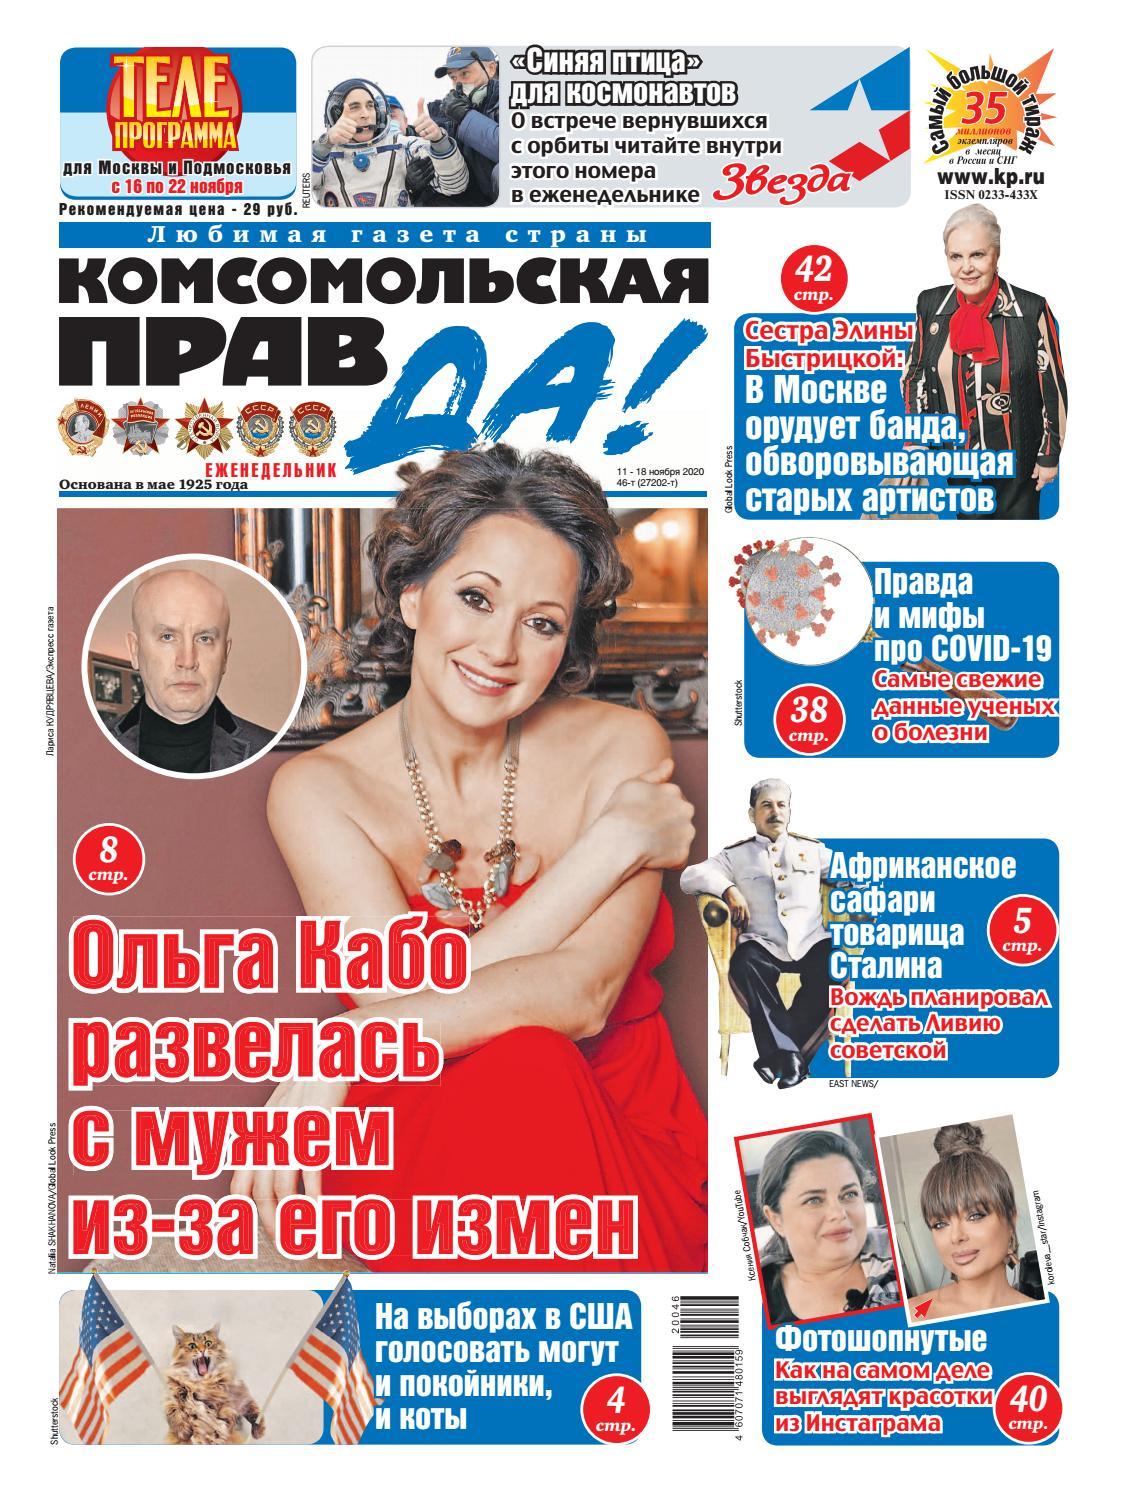 Комсомольская правда. Толстушка №46-т, ноябрь 2020